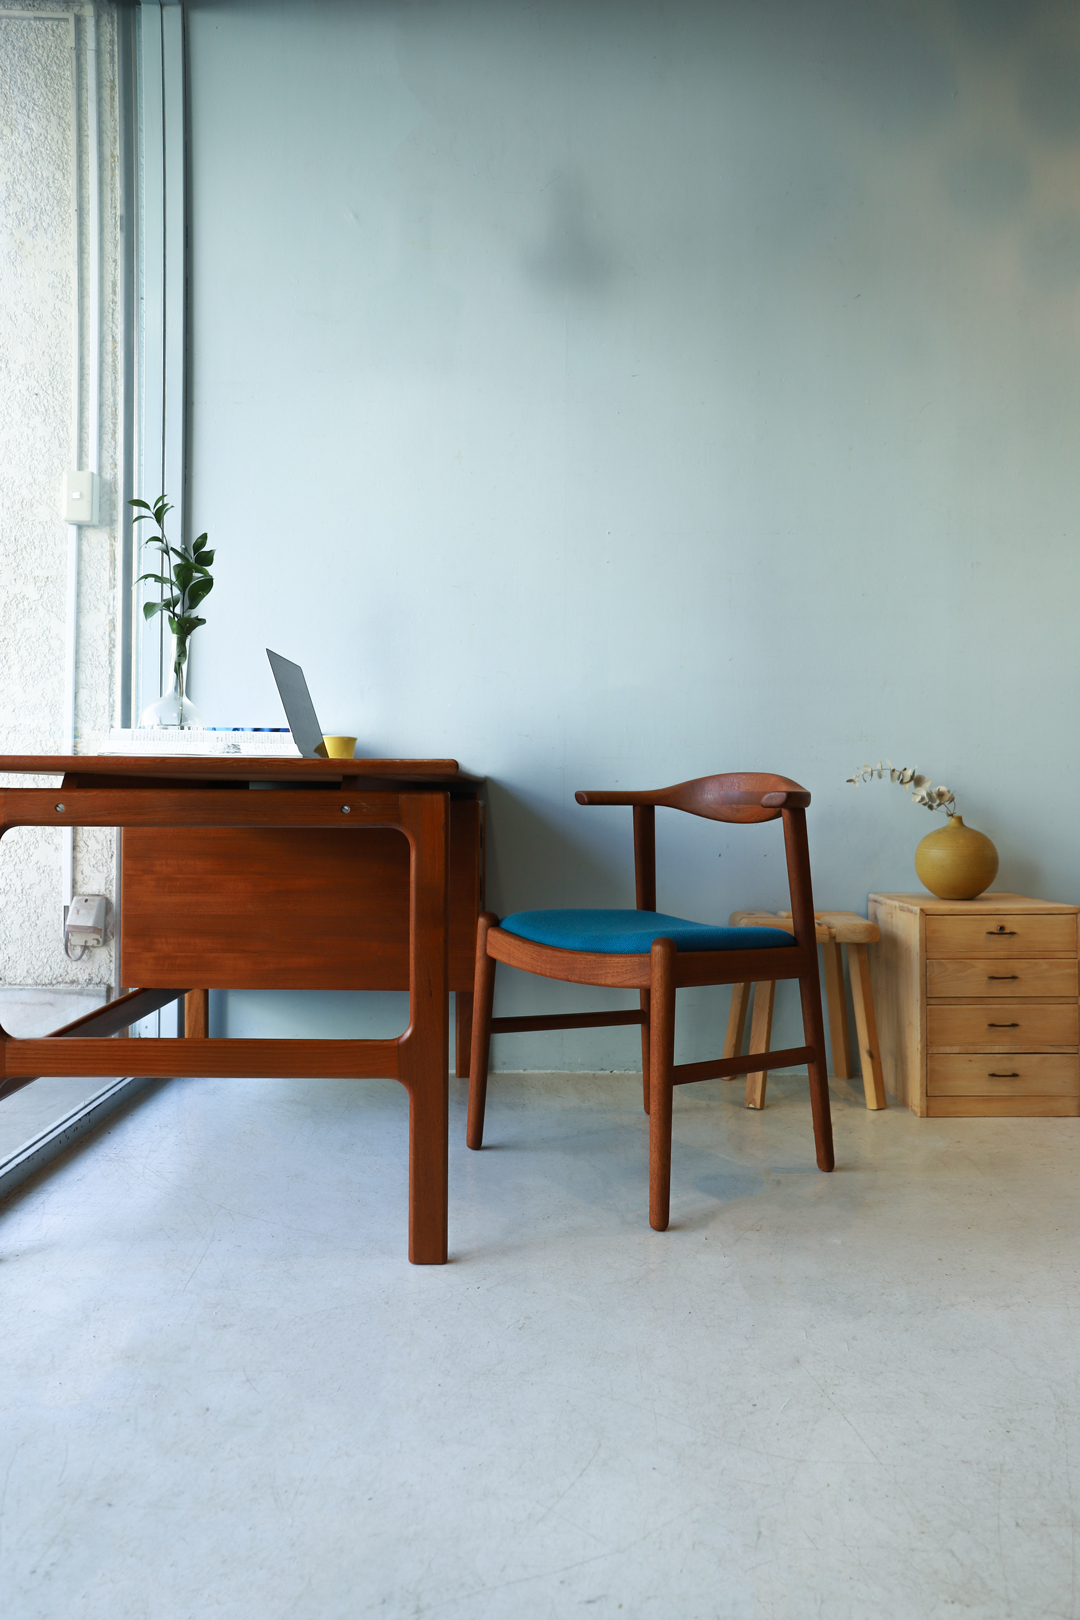 Japanese Vintage Aobayashi Dining Chair/ジャパンヴィンテージ 青林製作所 ダイニングチェア チーク材 椅子 北欧モダン